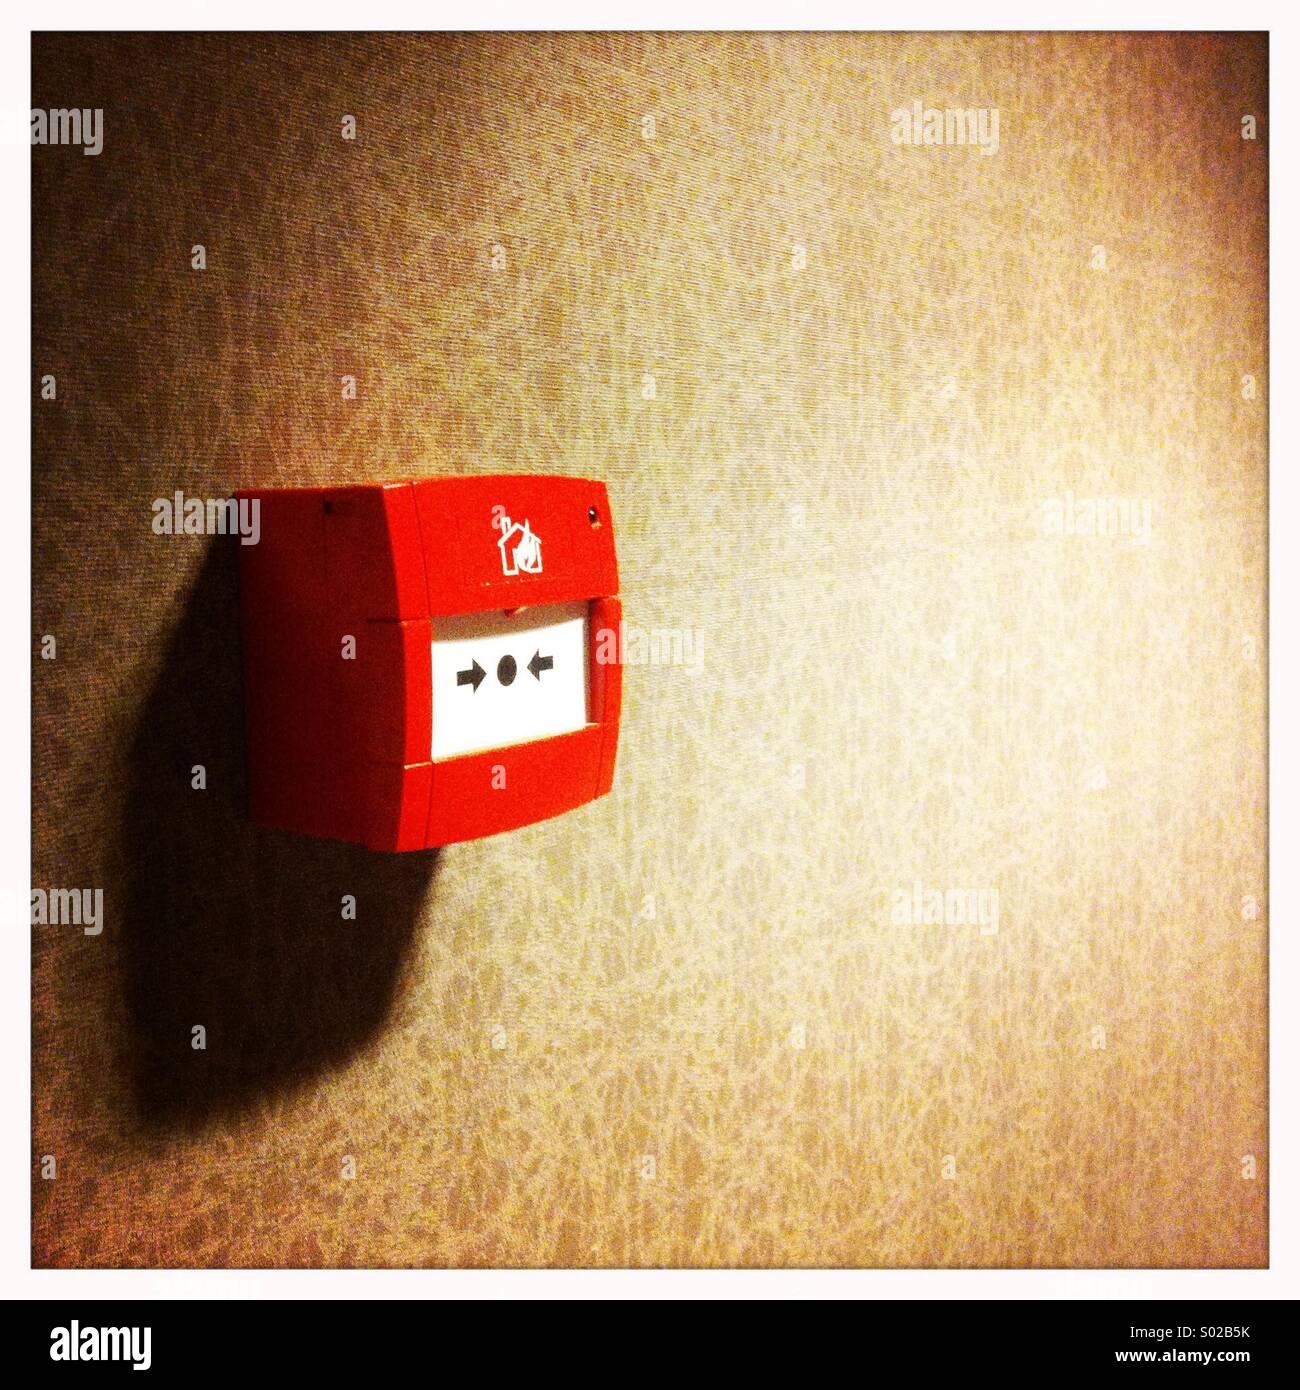 Alarma de incendio Imagen De Stock